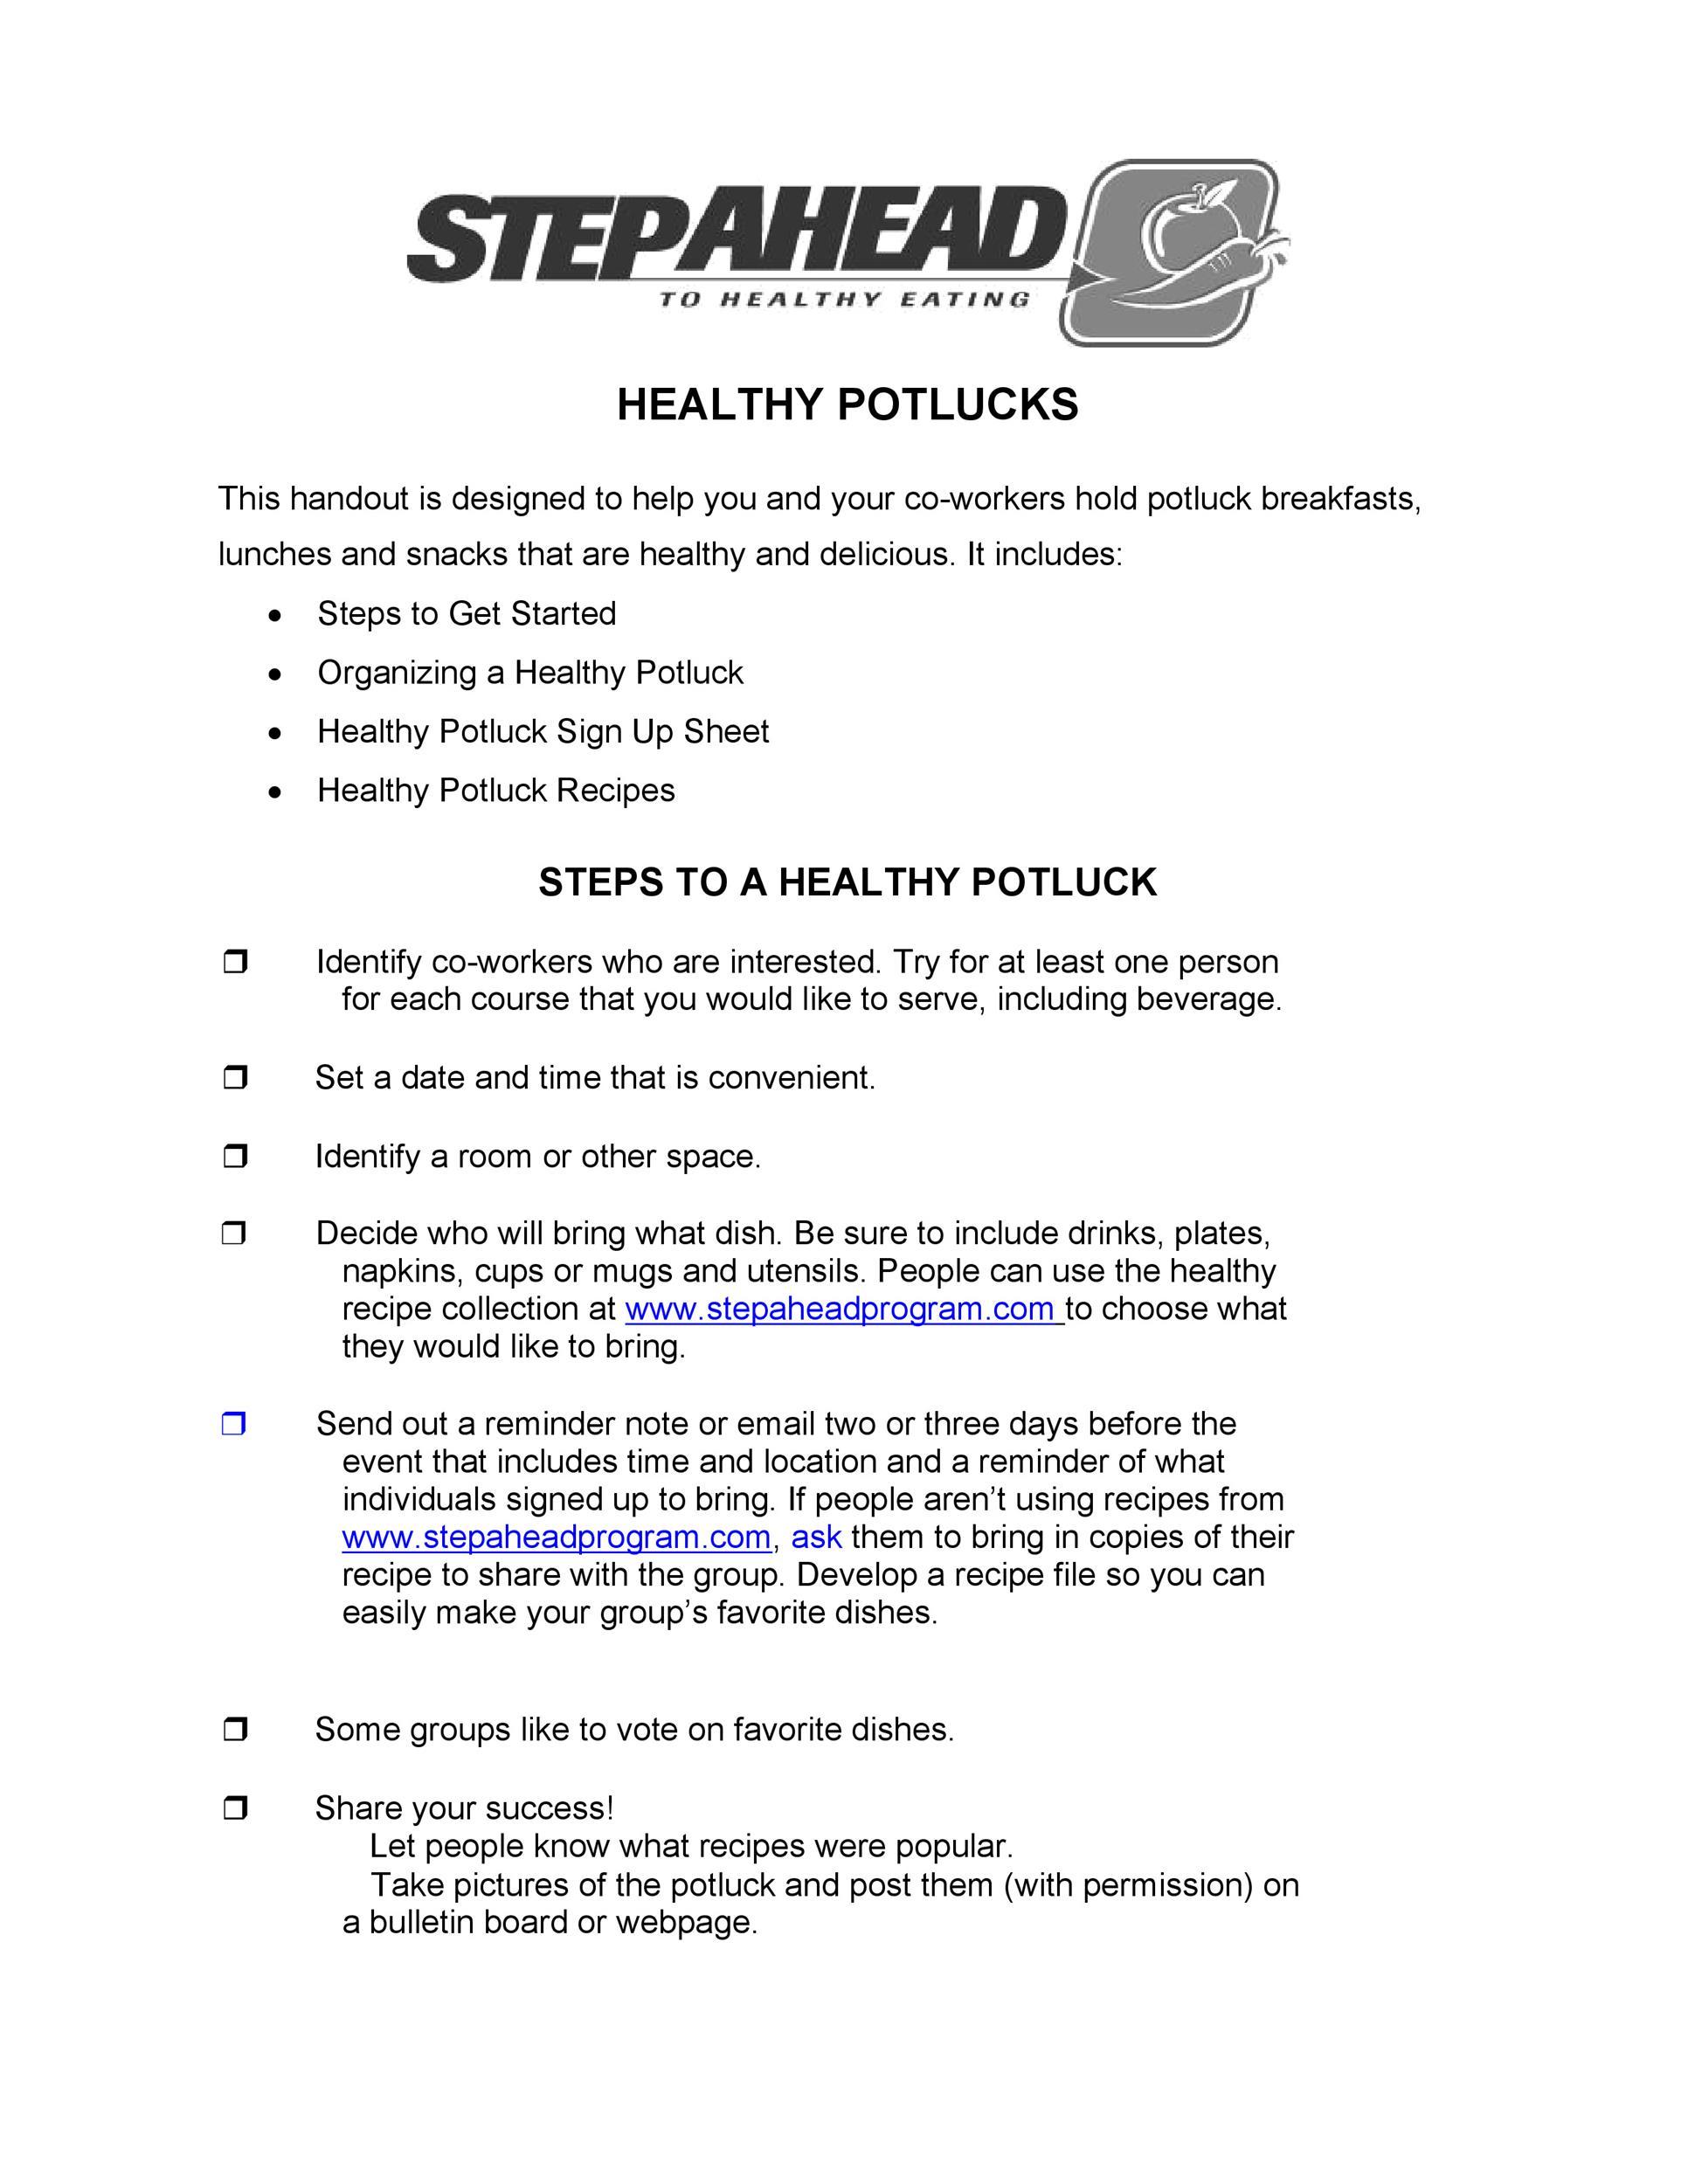 Free potluck sign up sheet 34